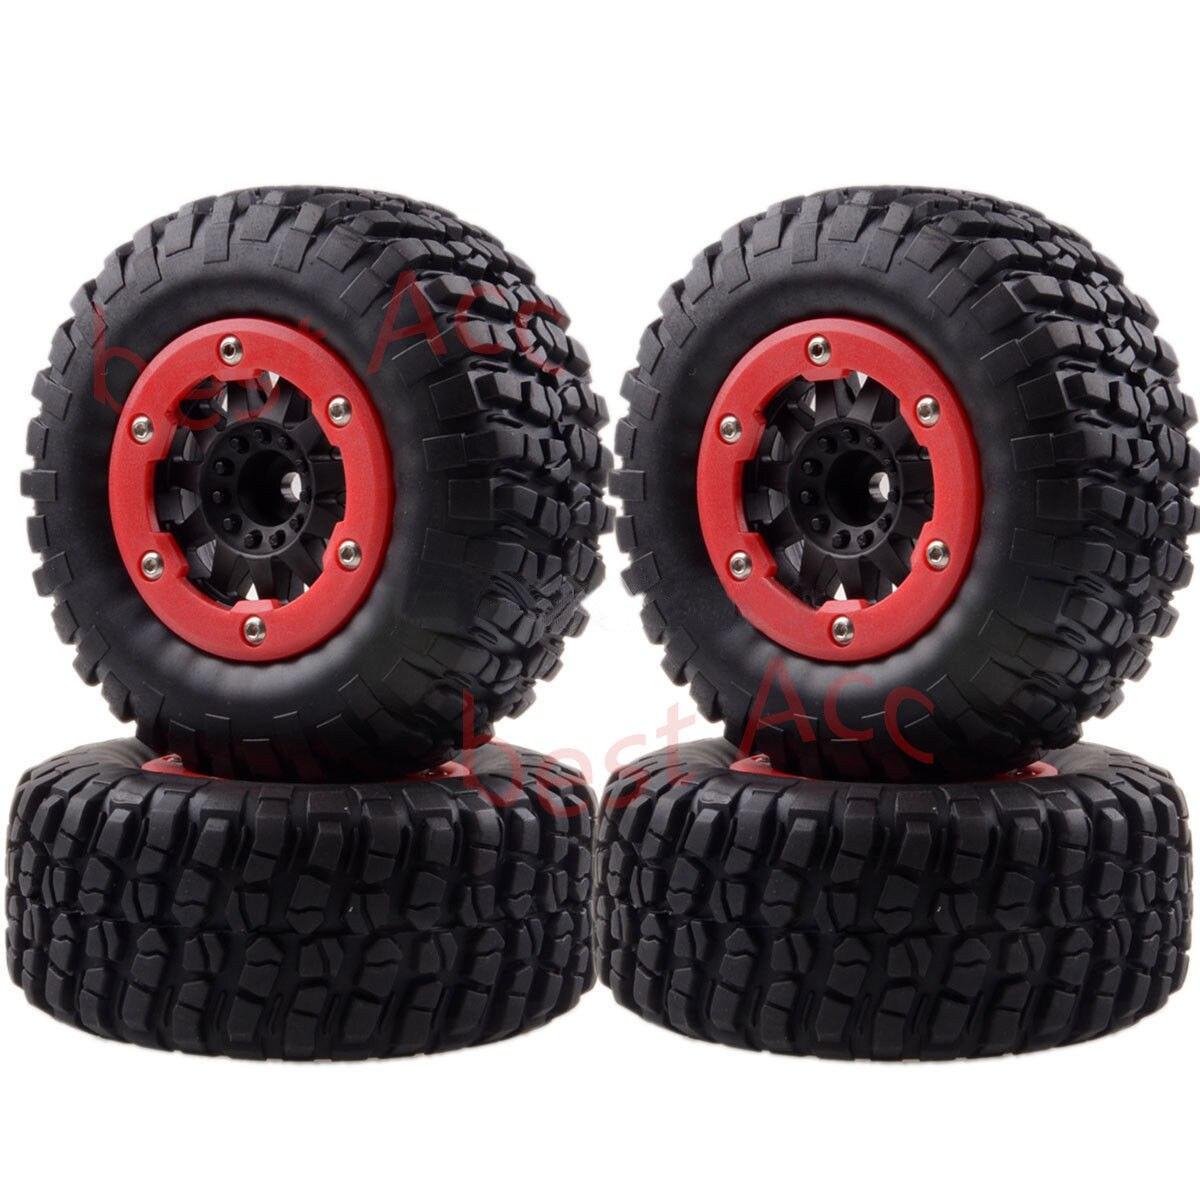 4 pièces jantes & pneus pneus 1182-14 Traxxas Slash 4x4 Pro-Line Racing pour 1/10